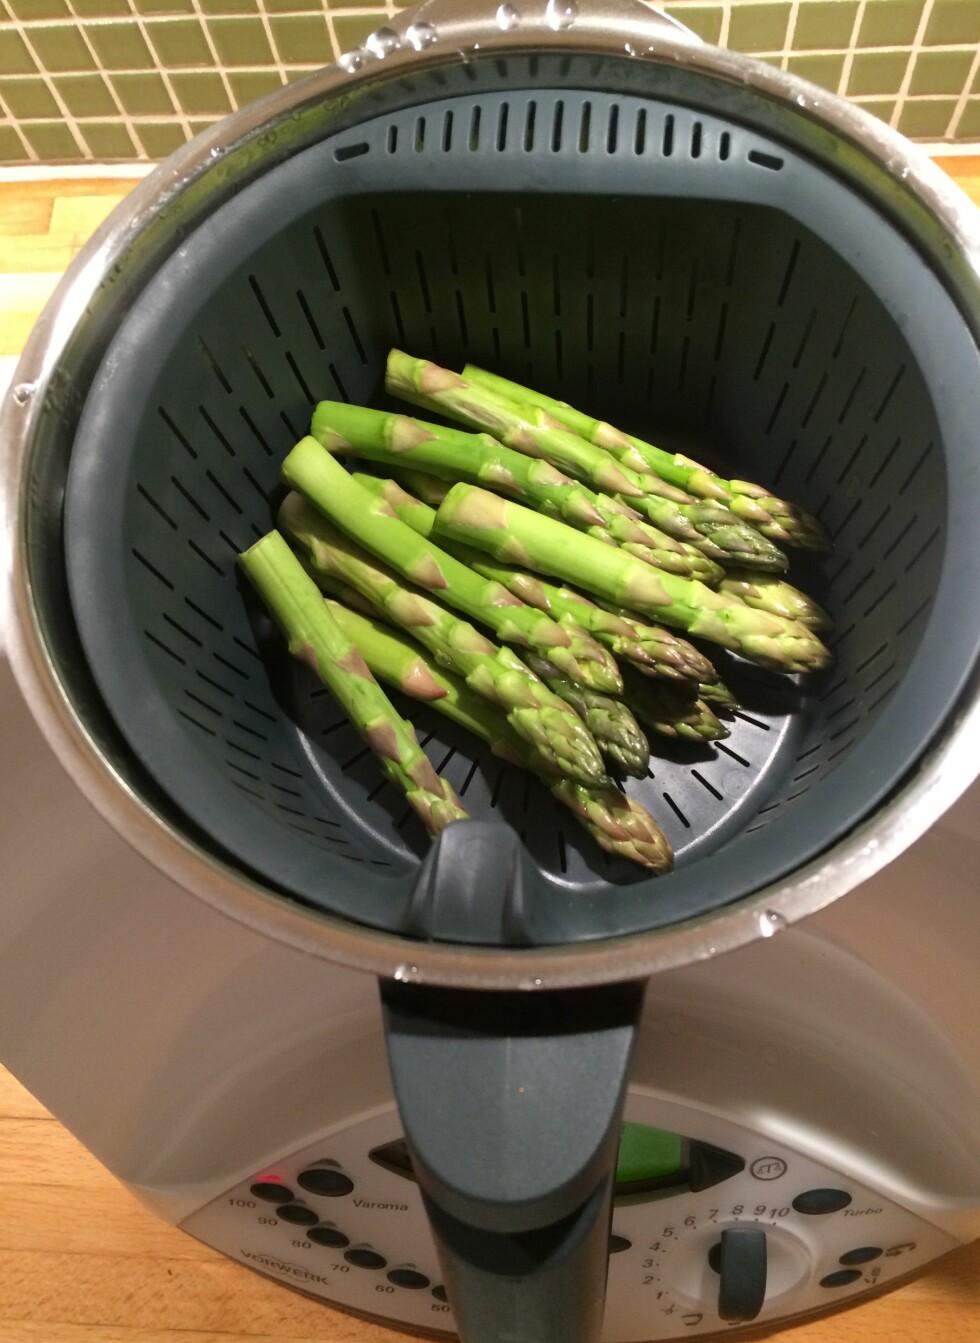 DAMP: Aspargesen blir dampet et minutts tid i en egen kurv oppi blenderkolben. Den kan selvsagt også brukes om du ønsker å koke noe mat, uten at det blir ødelagt av kniven som roterer sakte når man varmer opp vannet. Foto: ELISABETH DALSEG